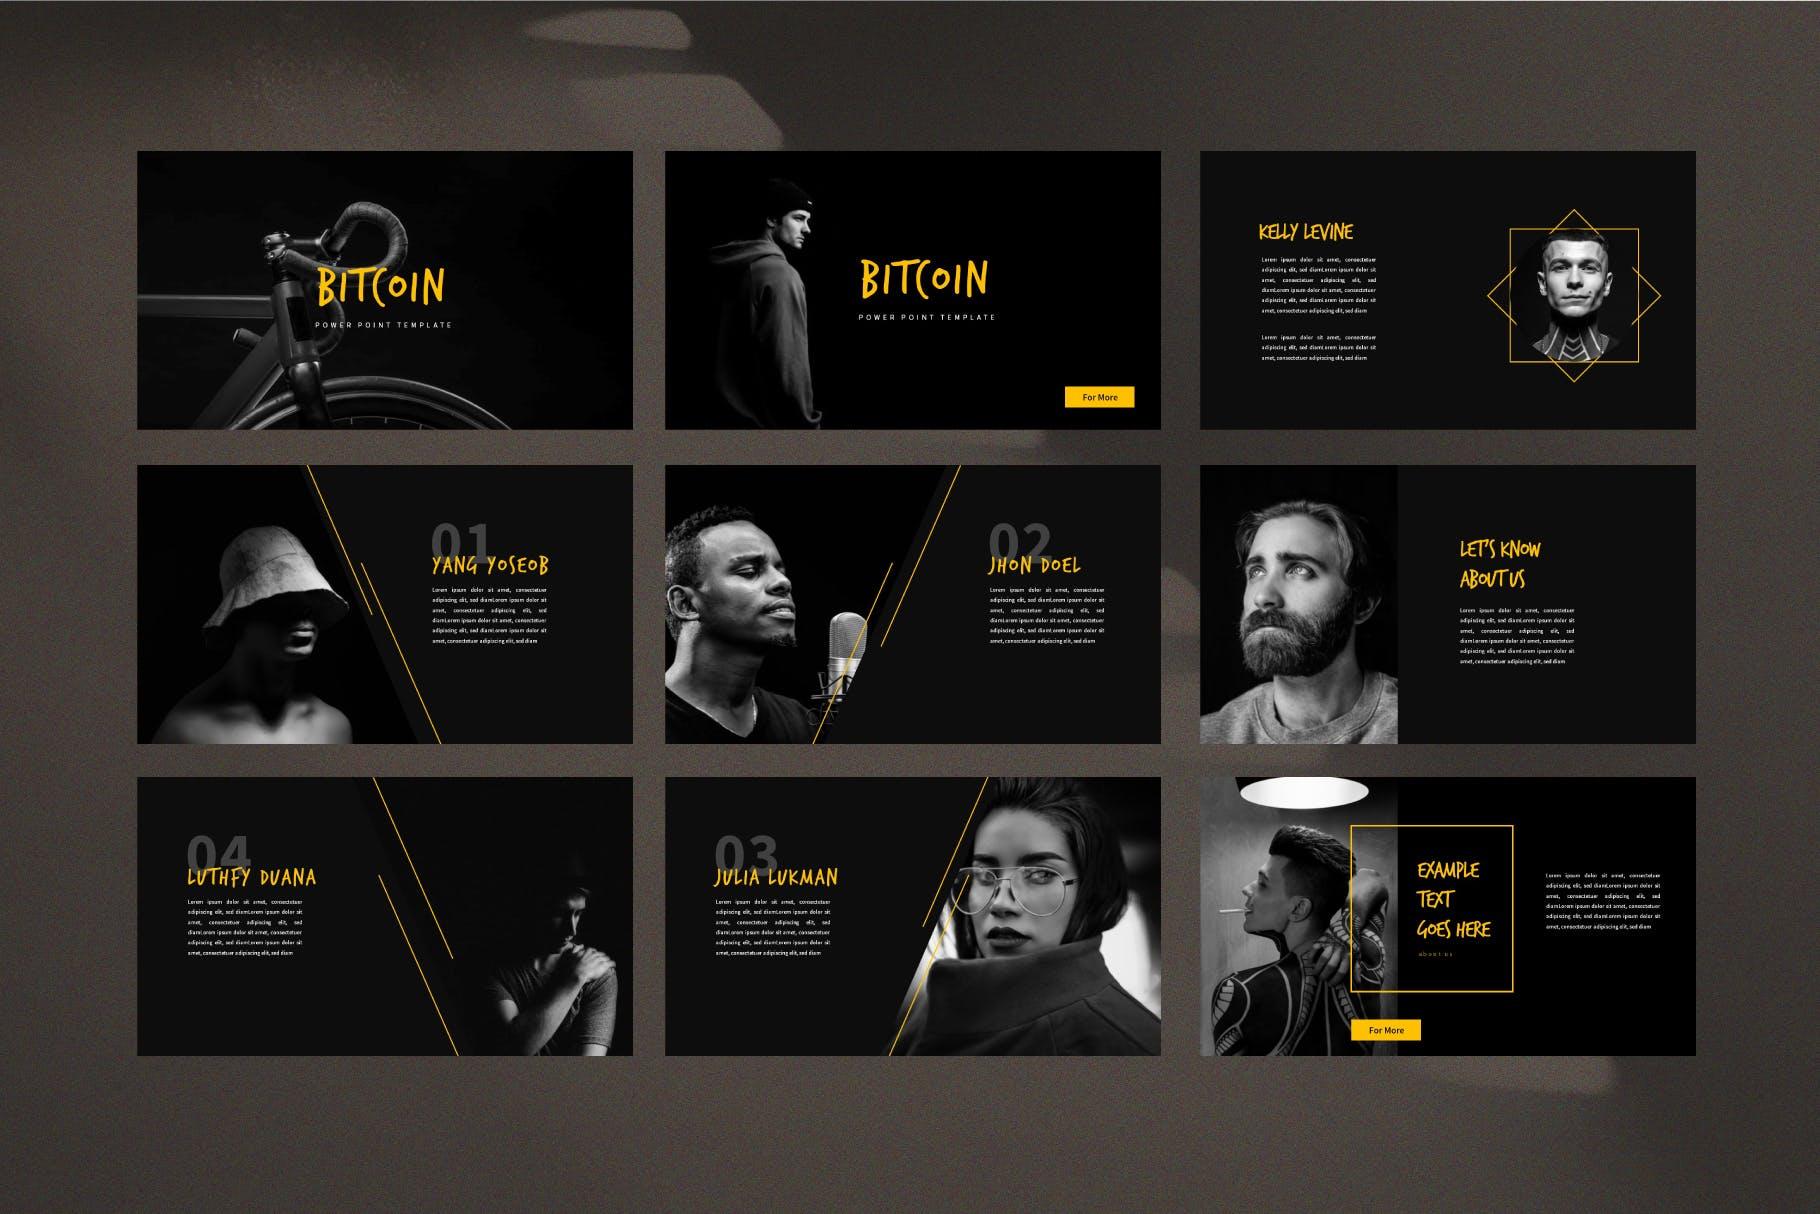 高档黑色科技时尚国际数字业务的PPT模板幻灯片下载(PPTX)bitcoin-business-presentation-template-ls-5F4L97H